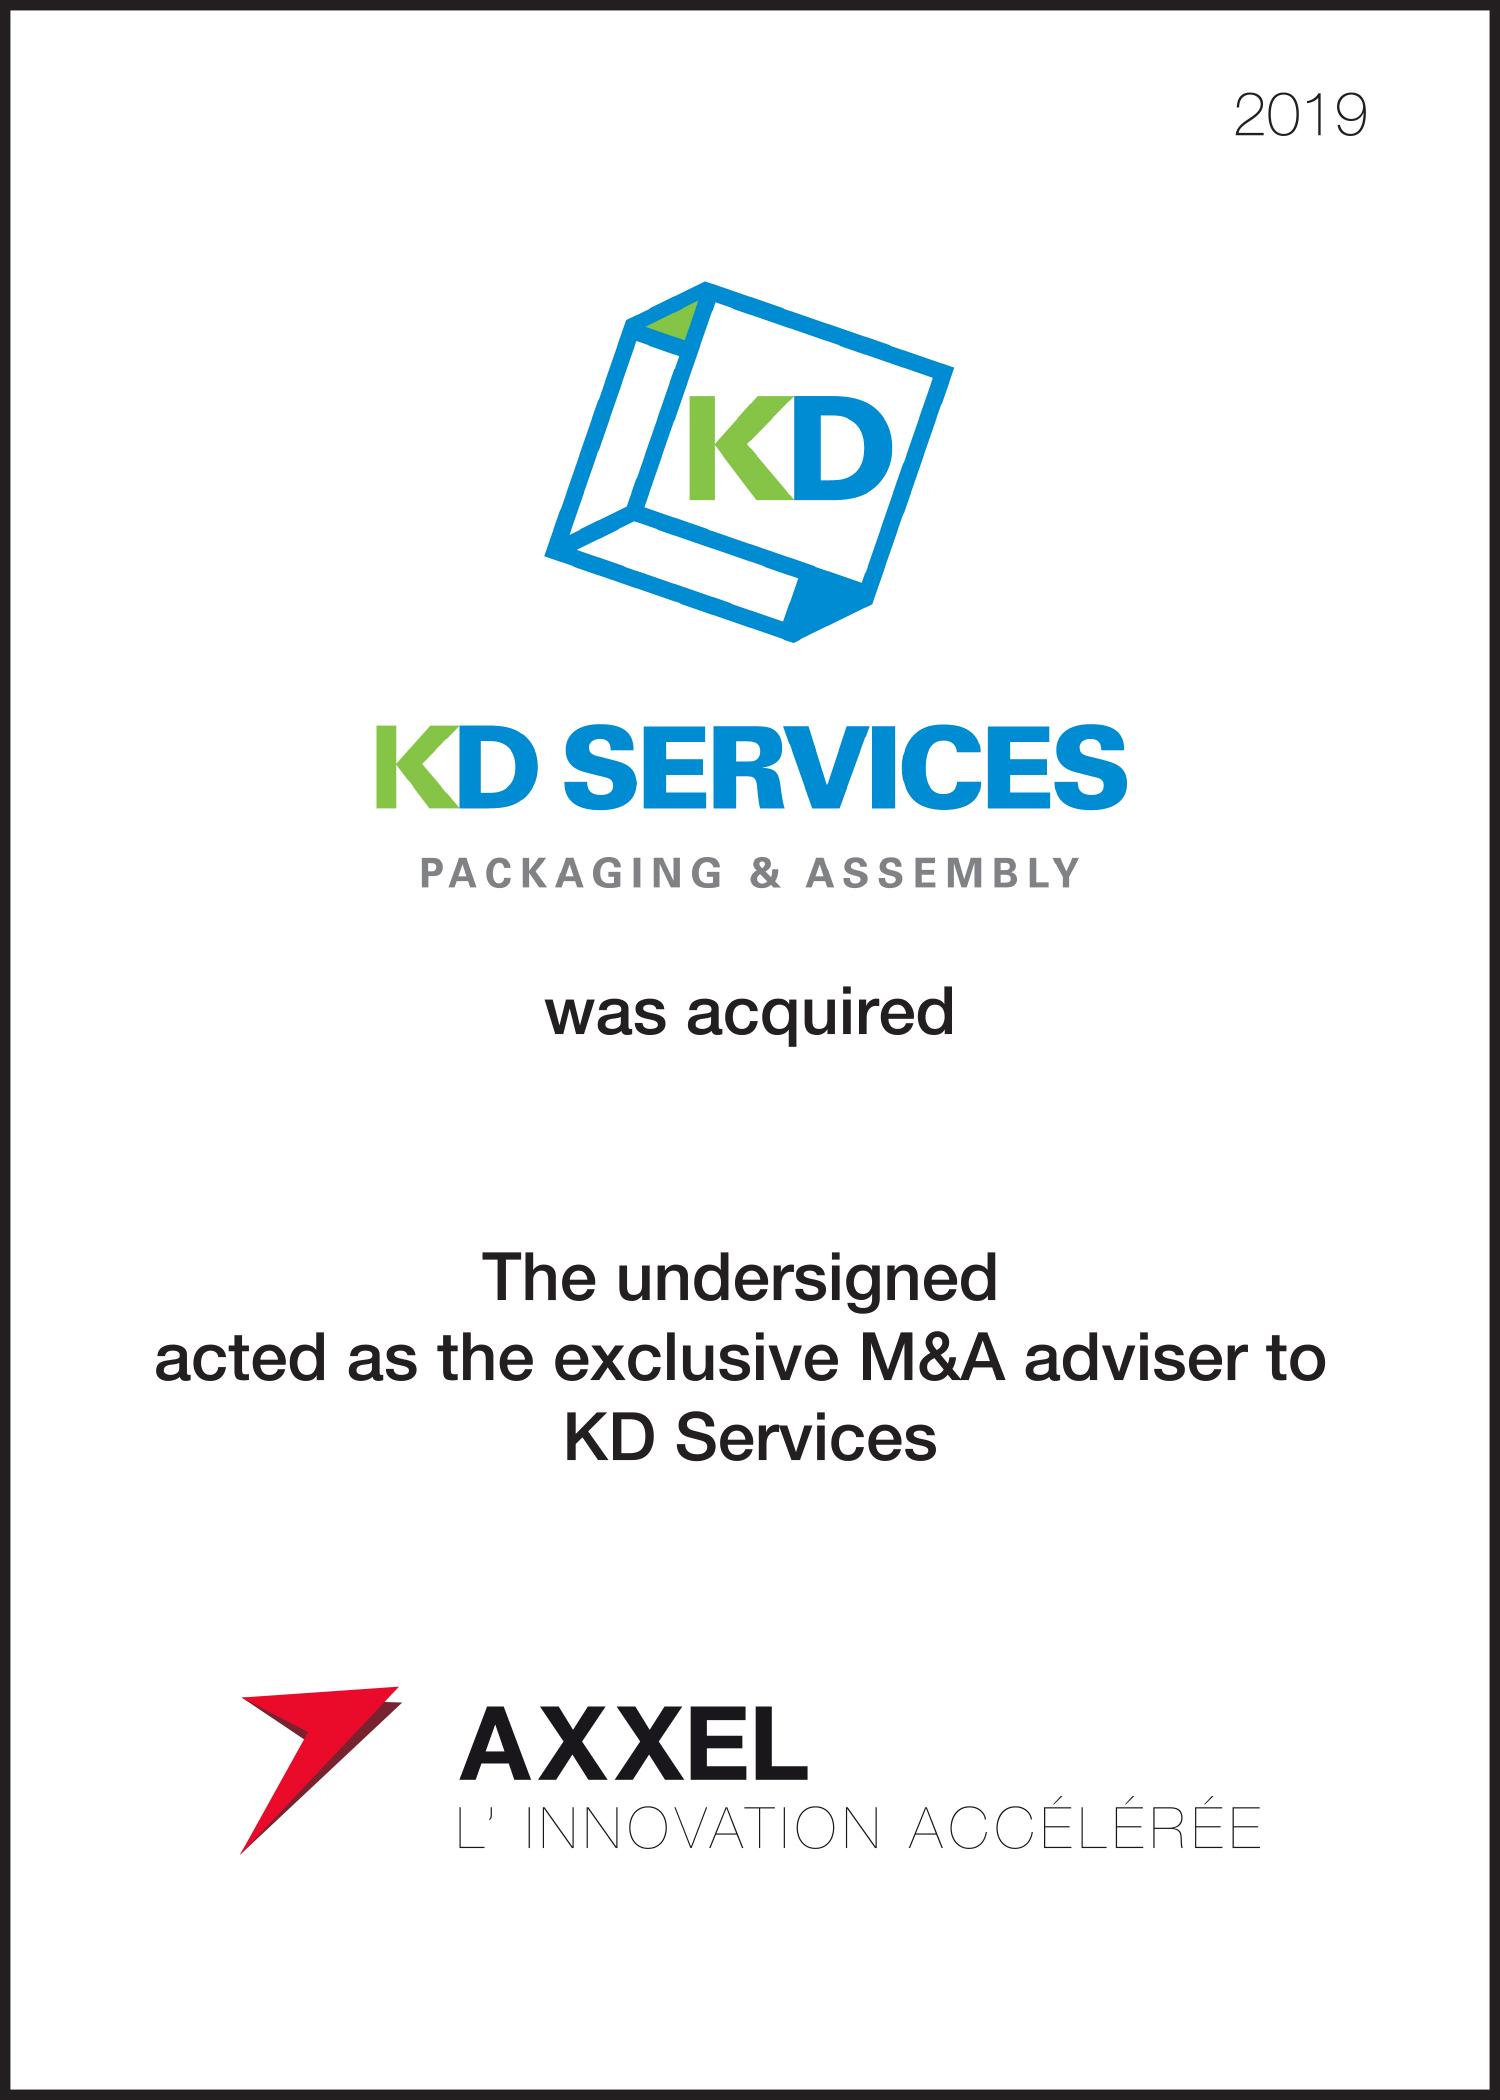 kd website.jpg